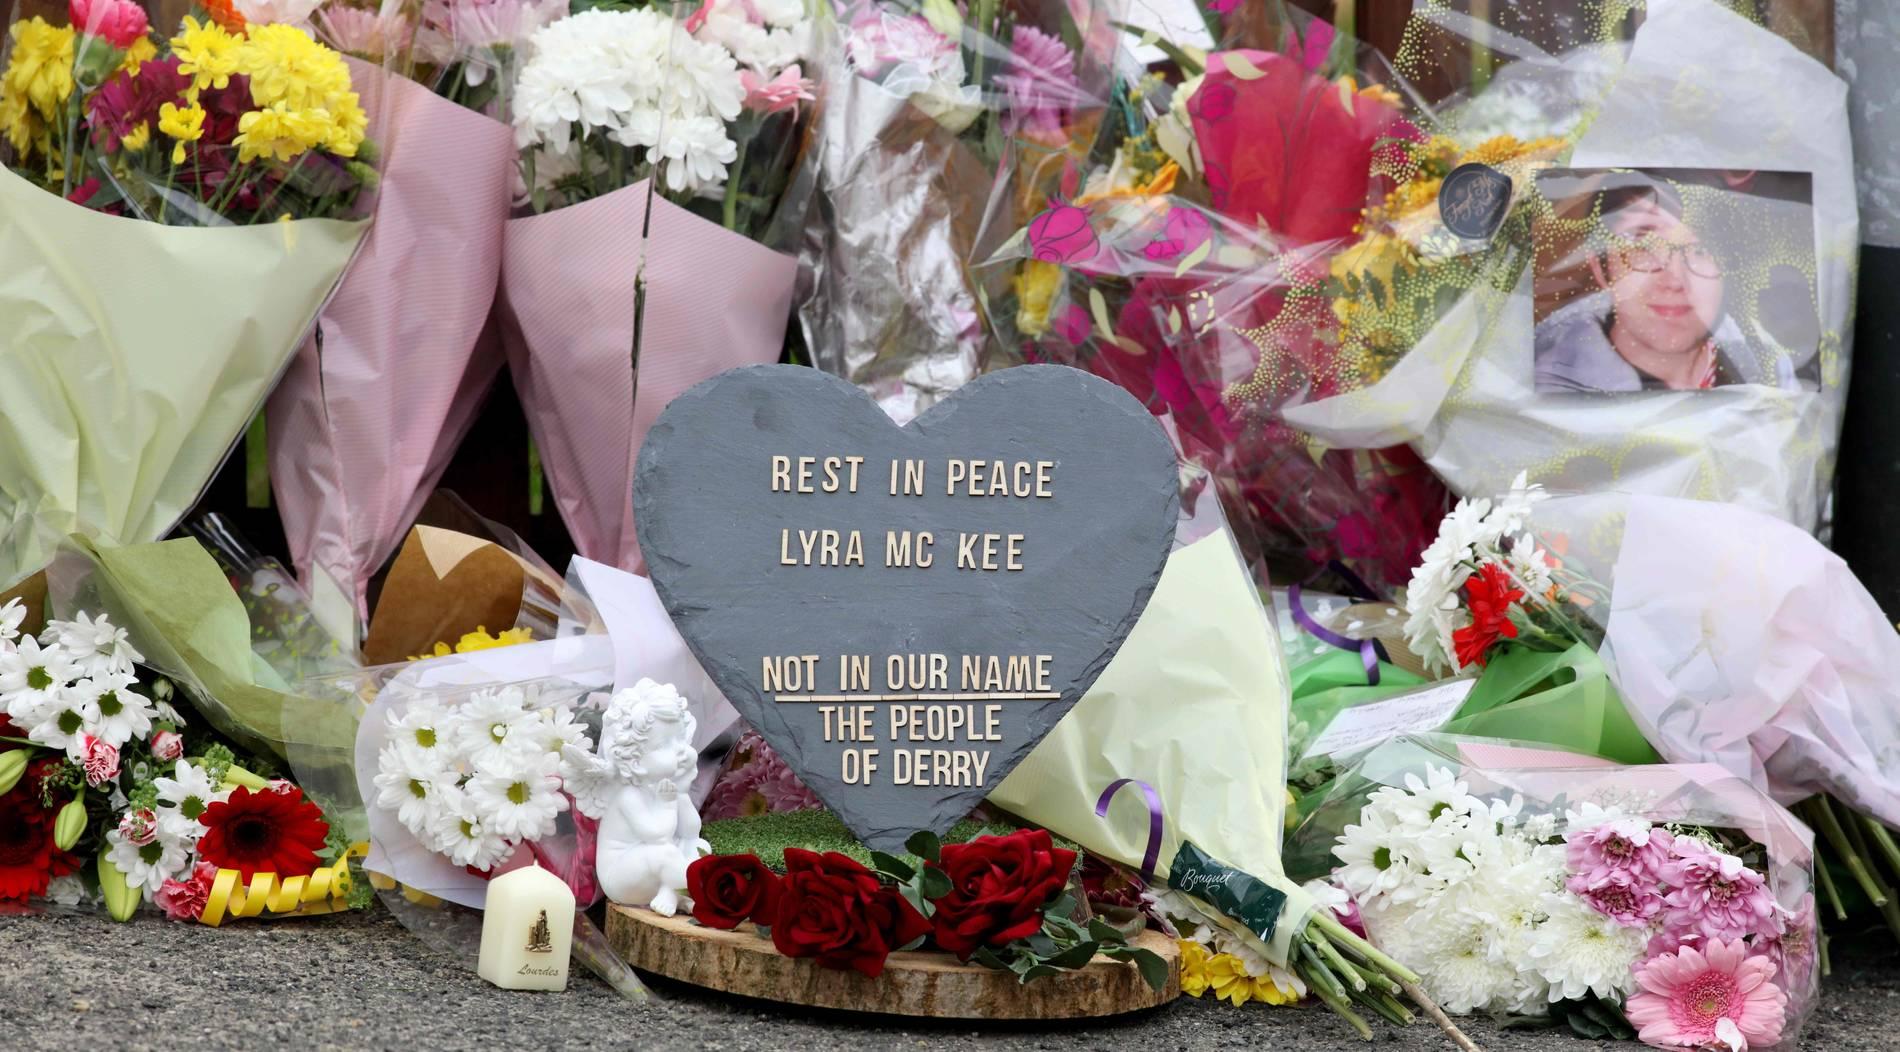 57-Jährige nach Tötung von Journalistin in Nordirland festgenommen